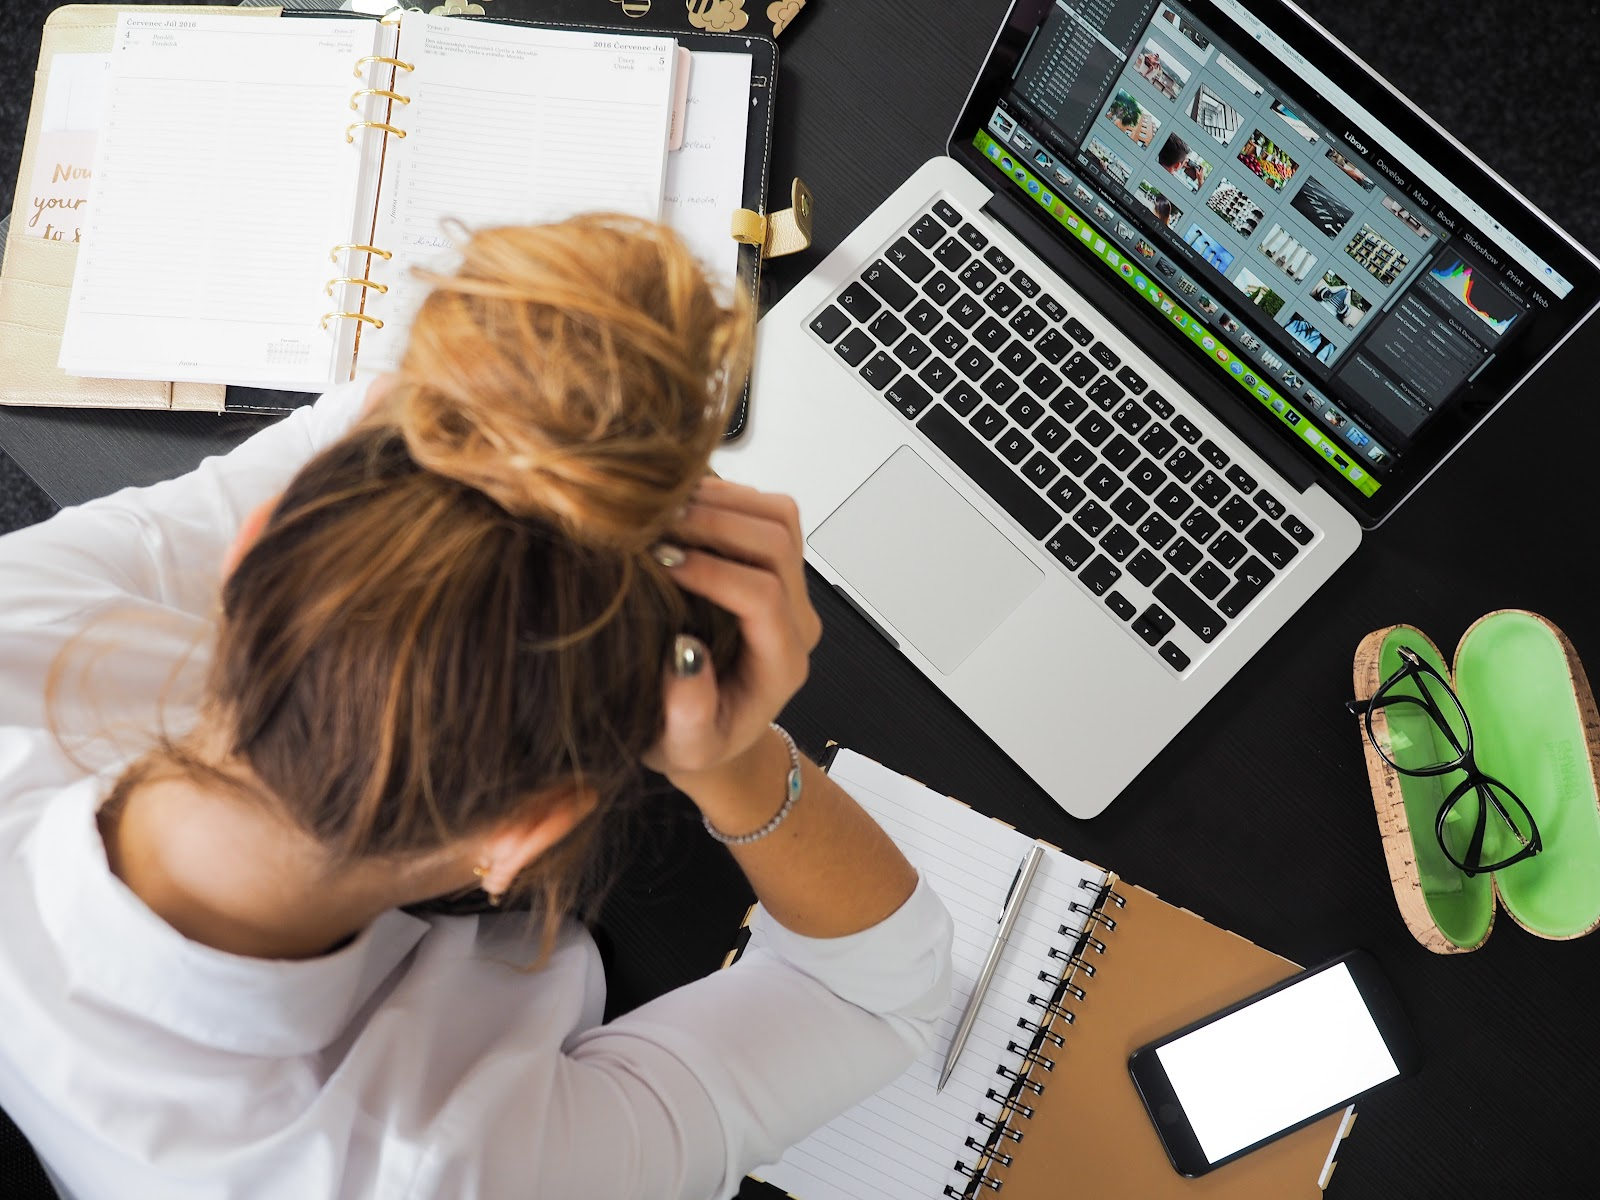 O estresse e a cobrança não são seus aliados! (Fonte: Energepic/Pexels)